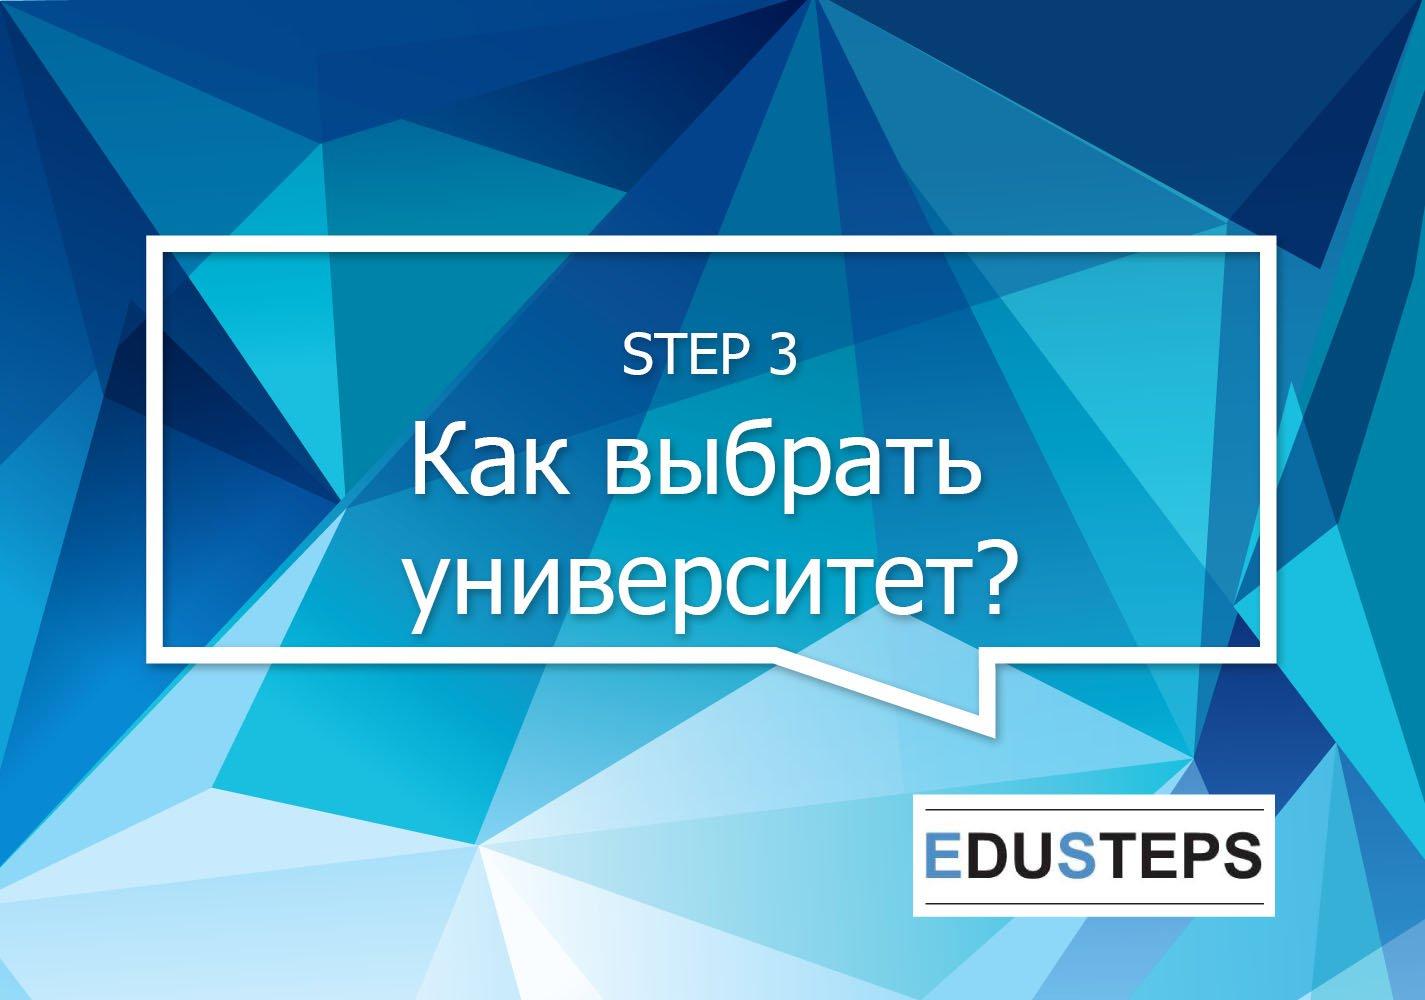 Step 3: Как выбрать университет?©